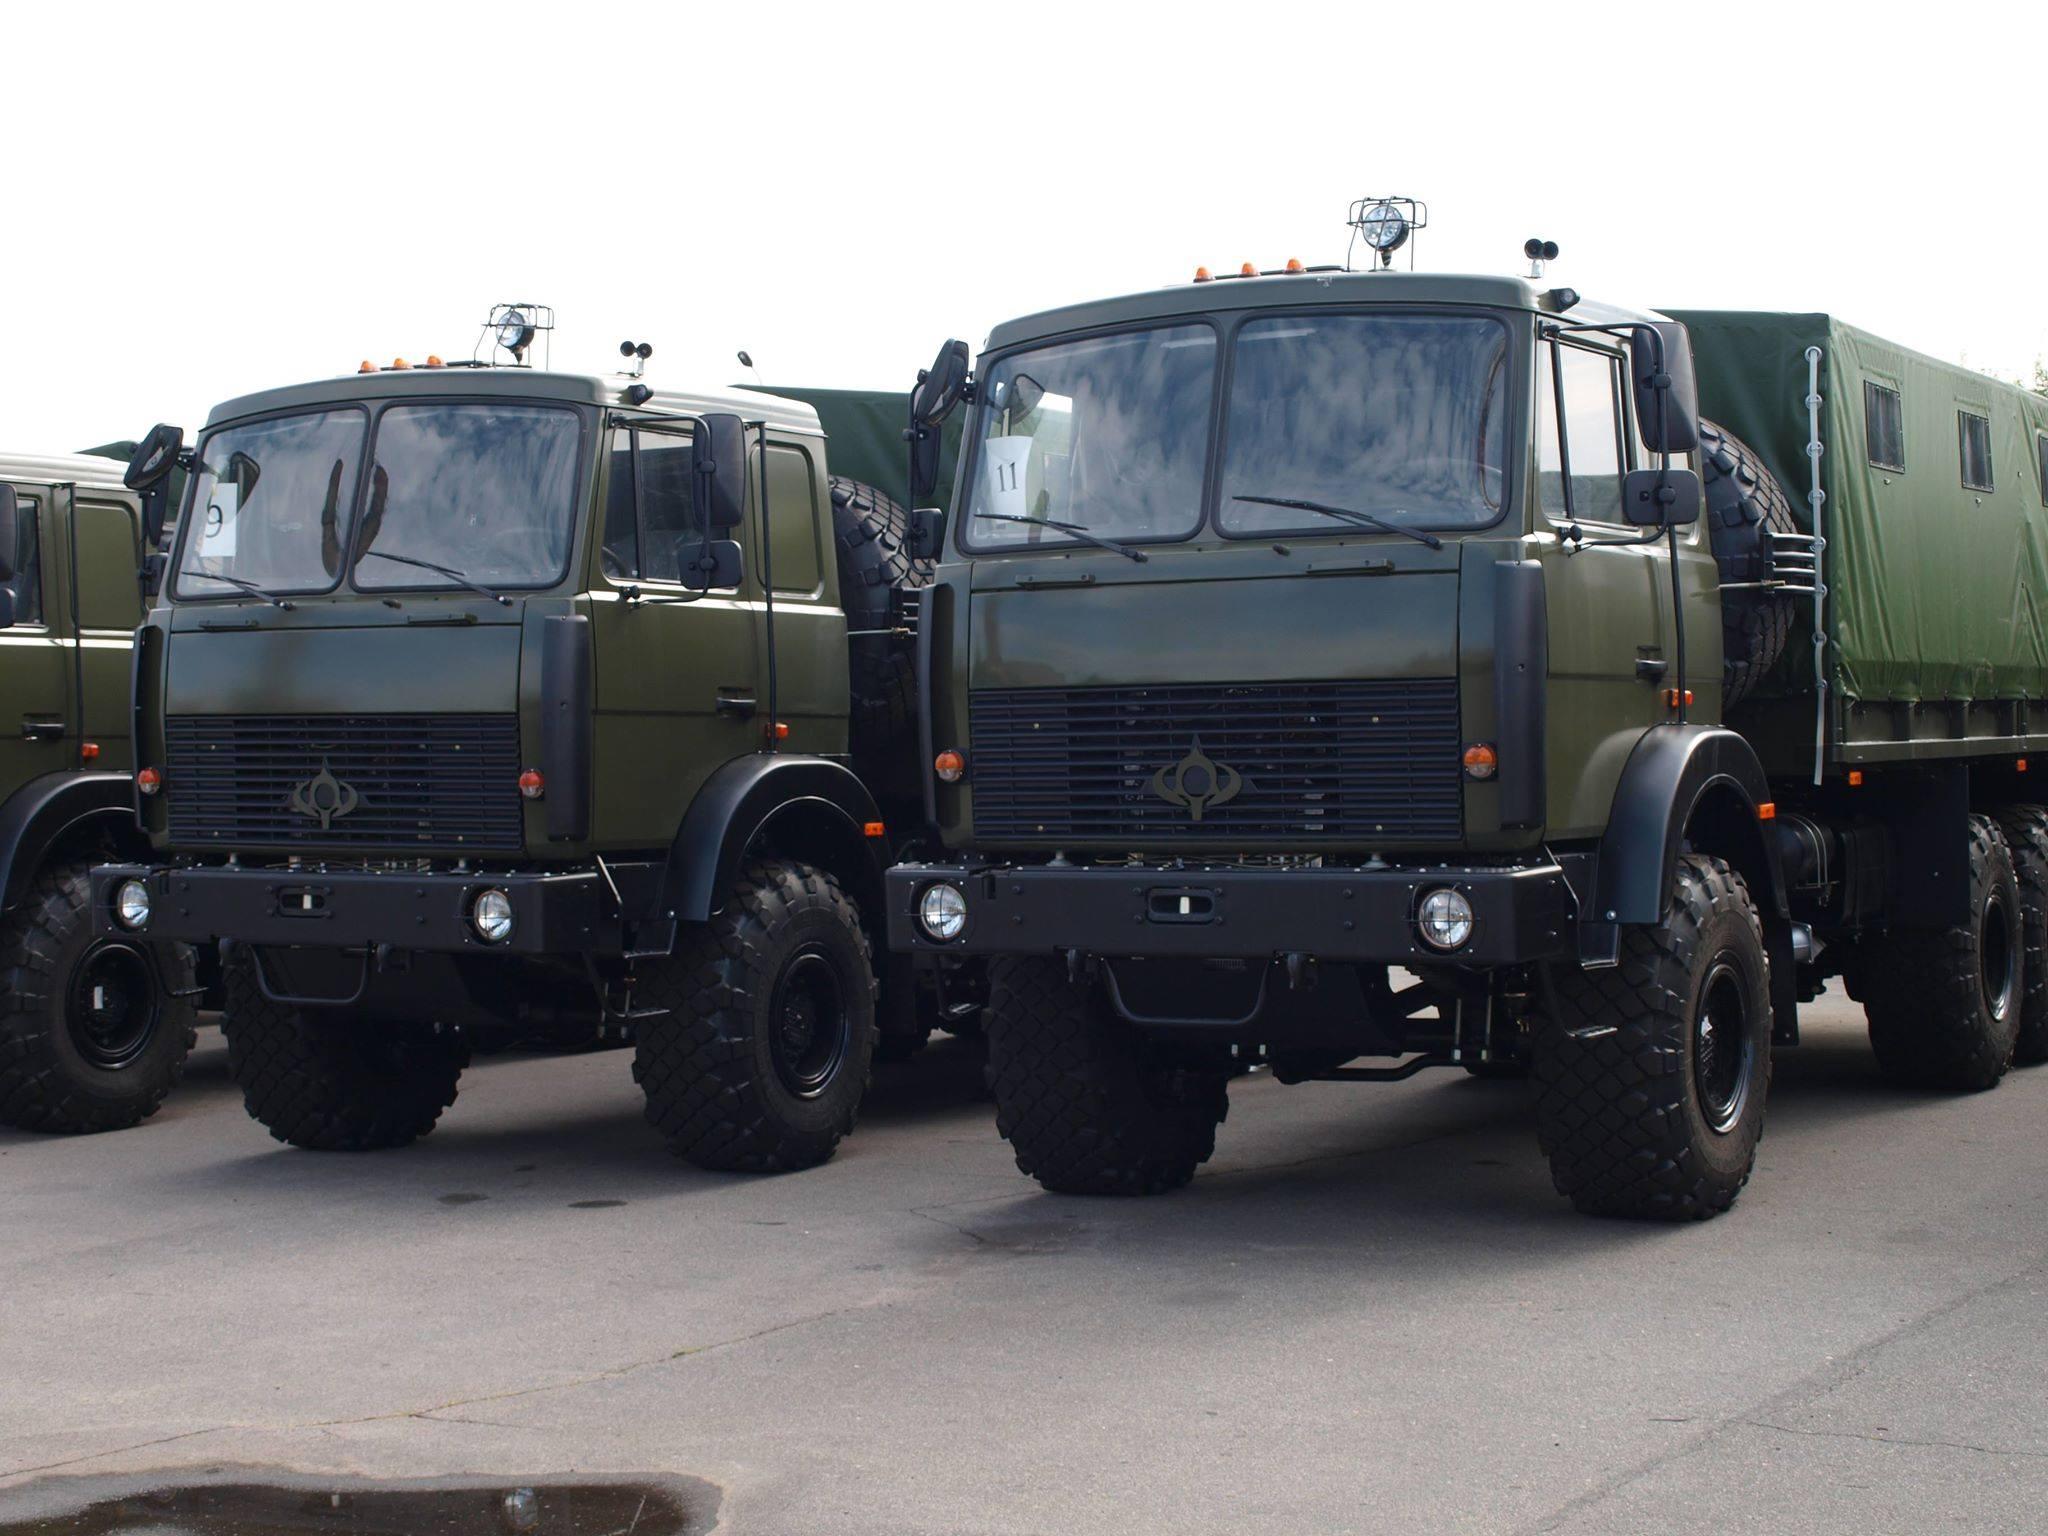 Украинскую армию хотят оперативно перевести на машины отечественного производства 2